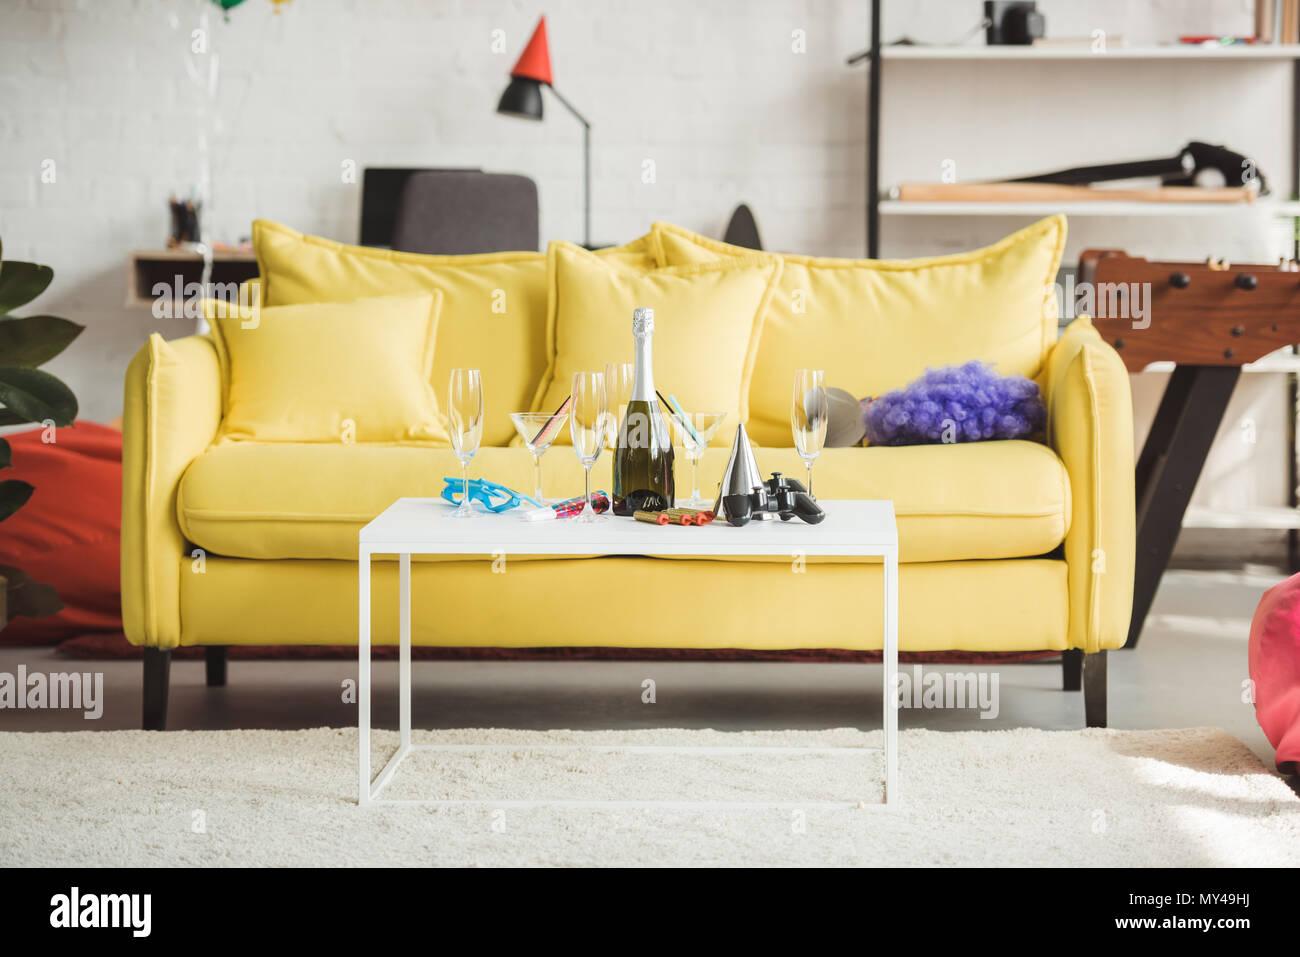 Intérieur Du Salon à La Décoration Moderne Avec Bouteille De Champagne,  Verres, Joystick Et Partie De Lu0027offre Sur Le Tableau